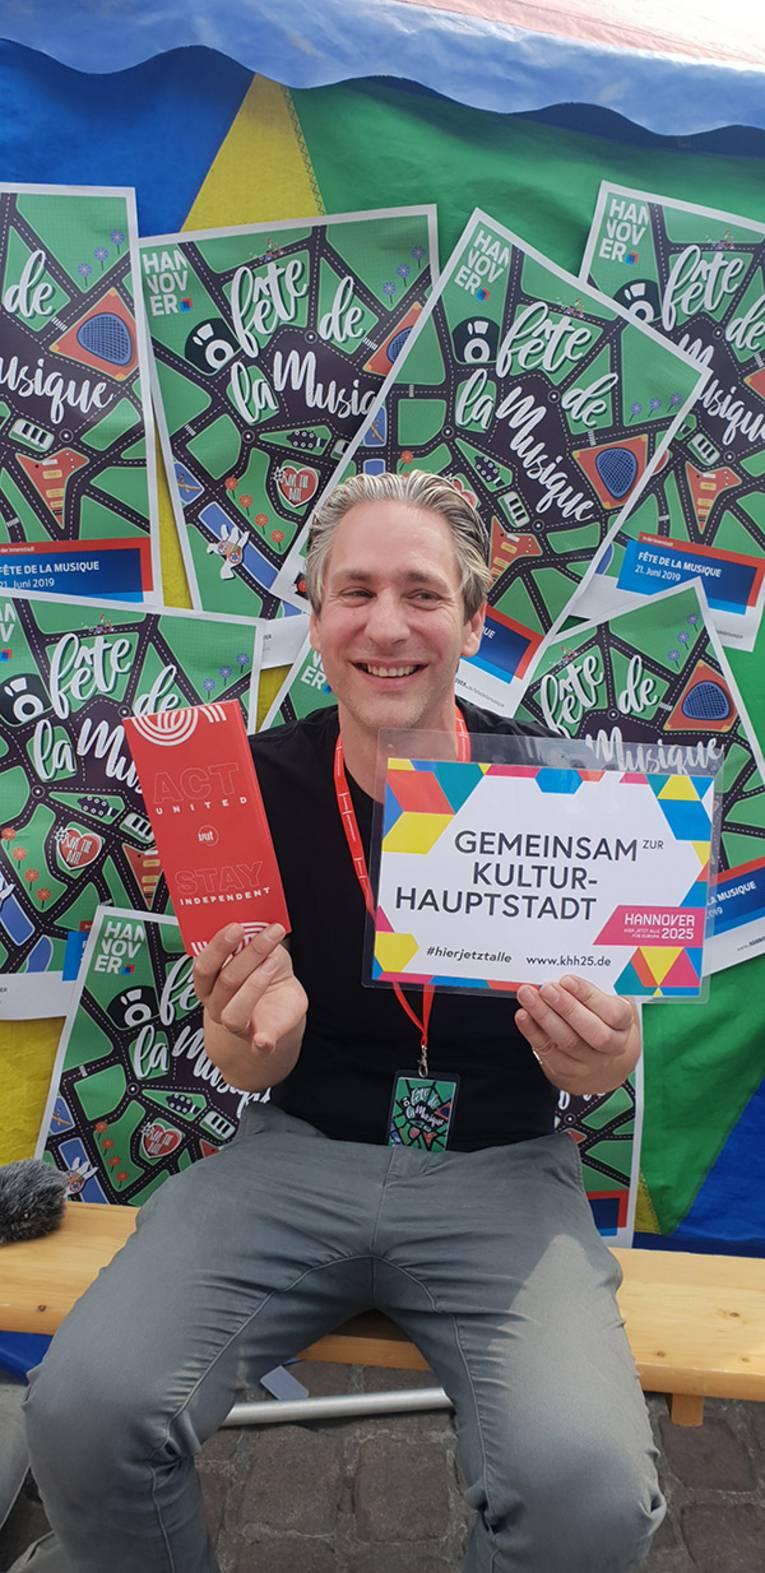 Künstler*innen auf der Fête de la Musique unterstützen die Kulturhauptstadtbewerbung!